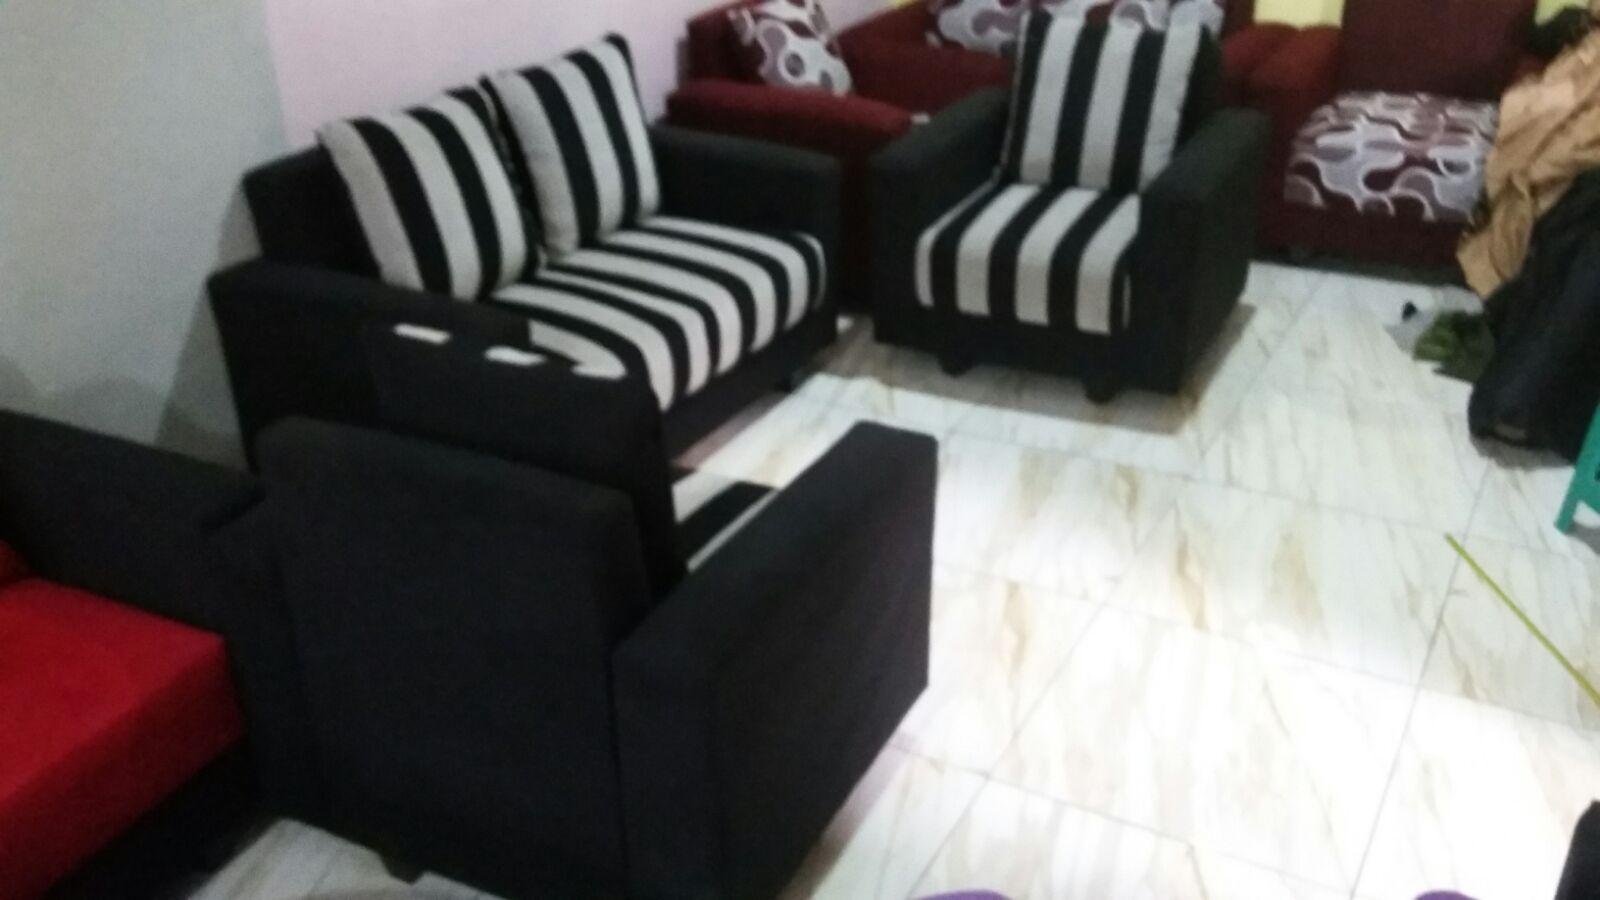 Gambar Sofa Hitam Putih Archives Rumah Kekinian 2019